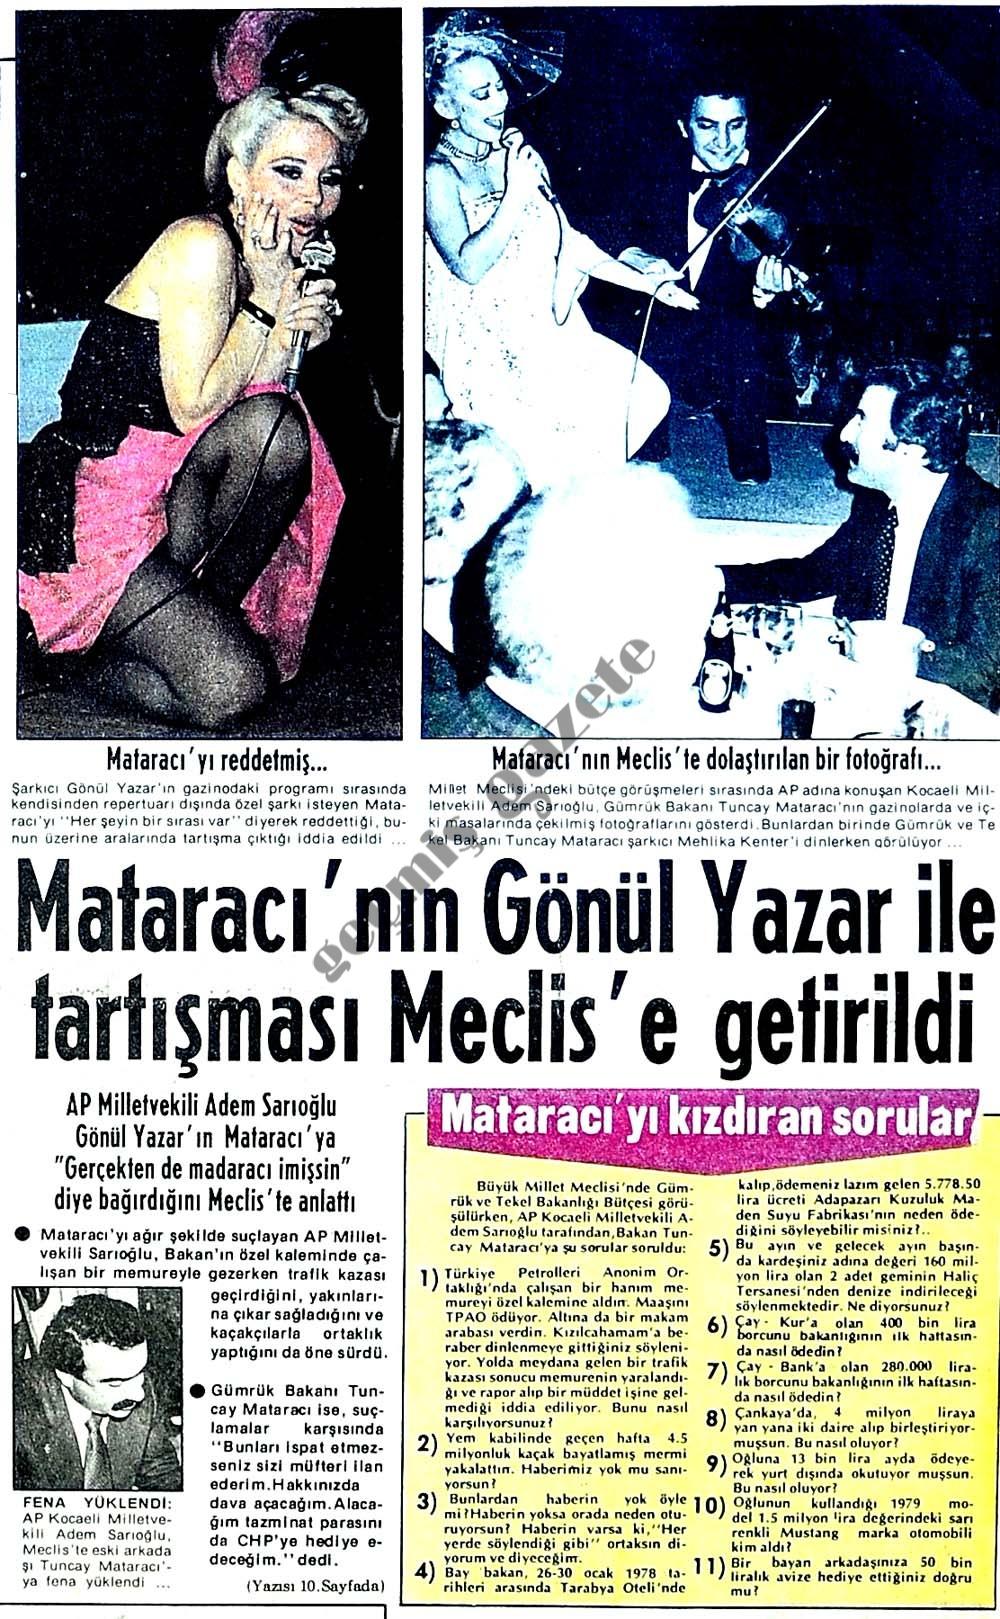 Mataracı'nın Gönül Yazar ile tartışması Meclis'e getirildi